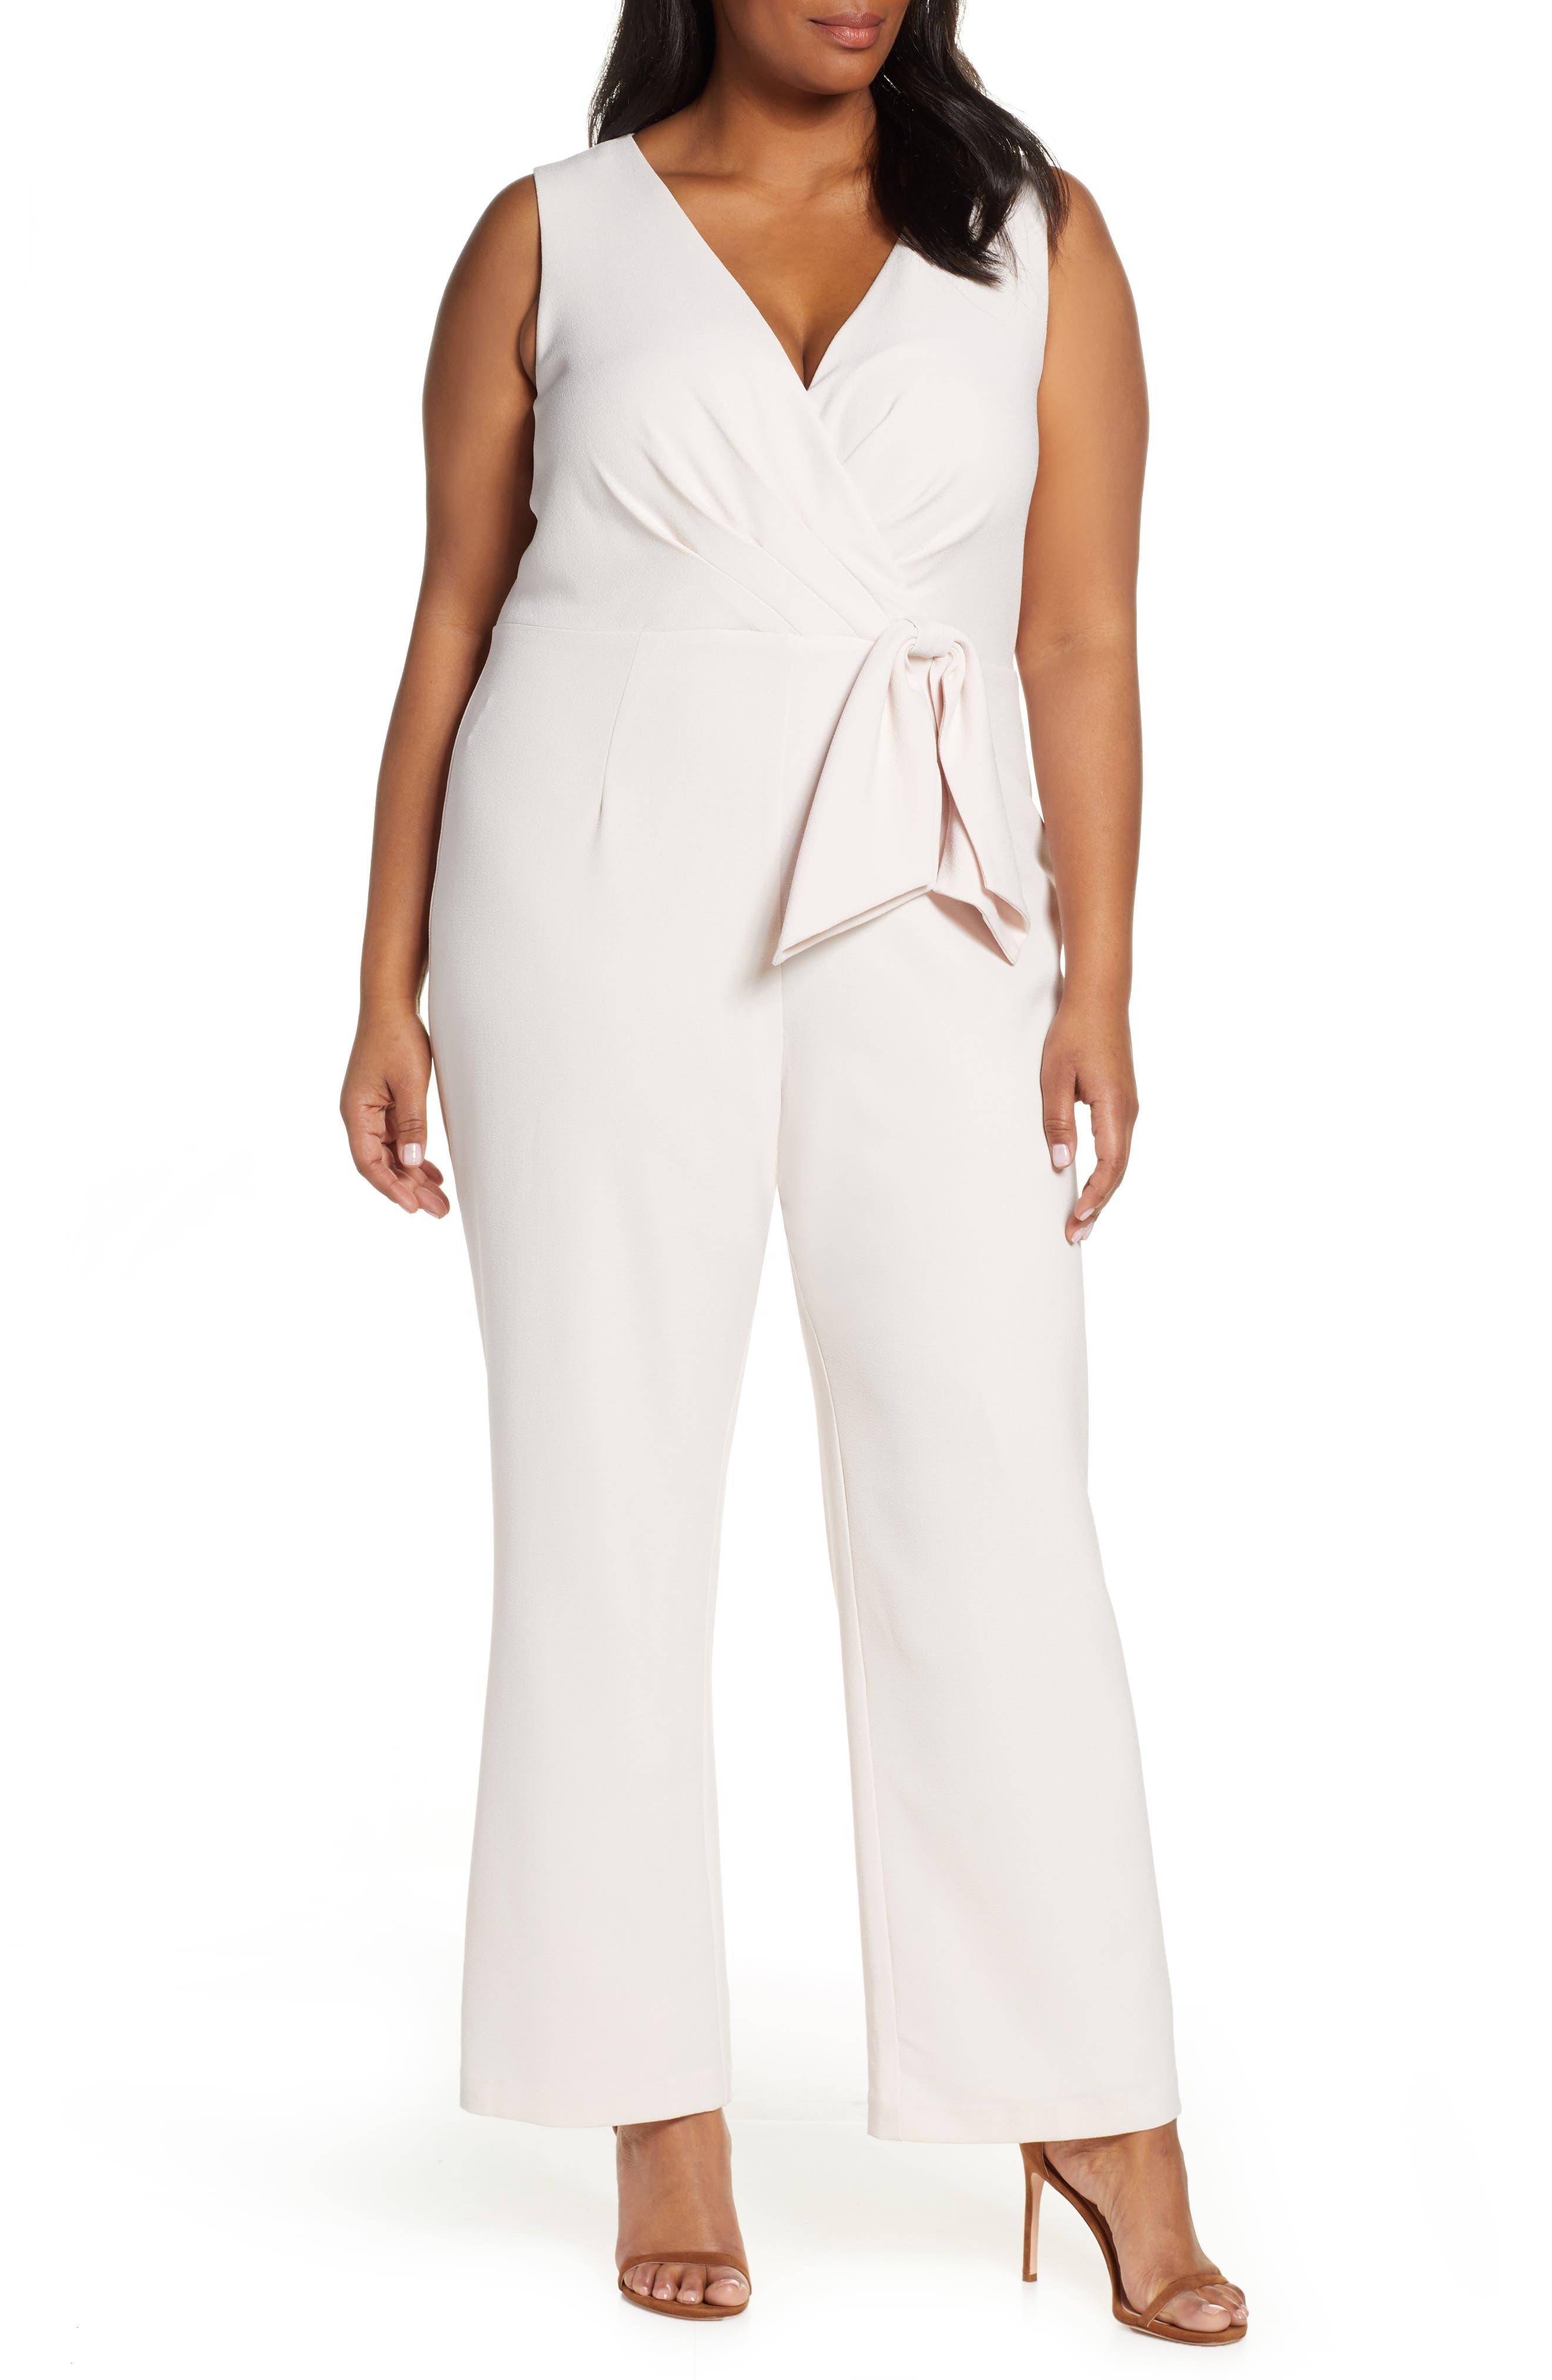 70s Dresses – Disco Dress, Hippie Dress, Wrap Dress Plus Size Womens Eliza J Faux Wrap Jumpsuit $100.80 AT vintagedancer.com